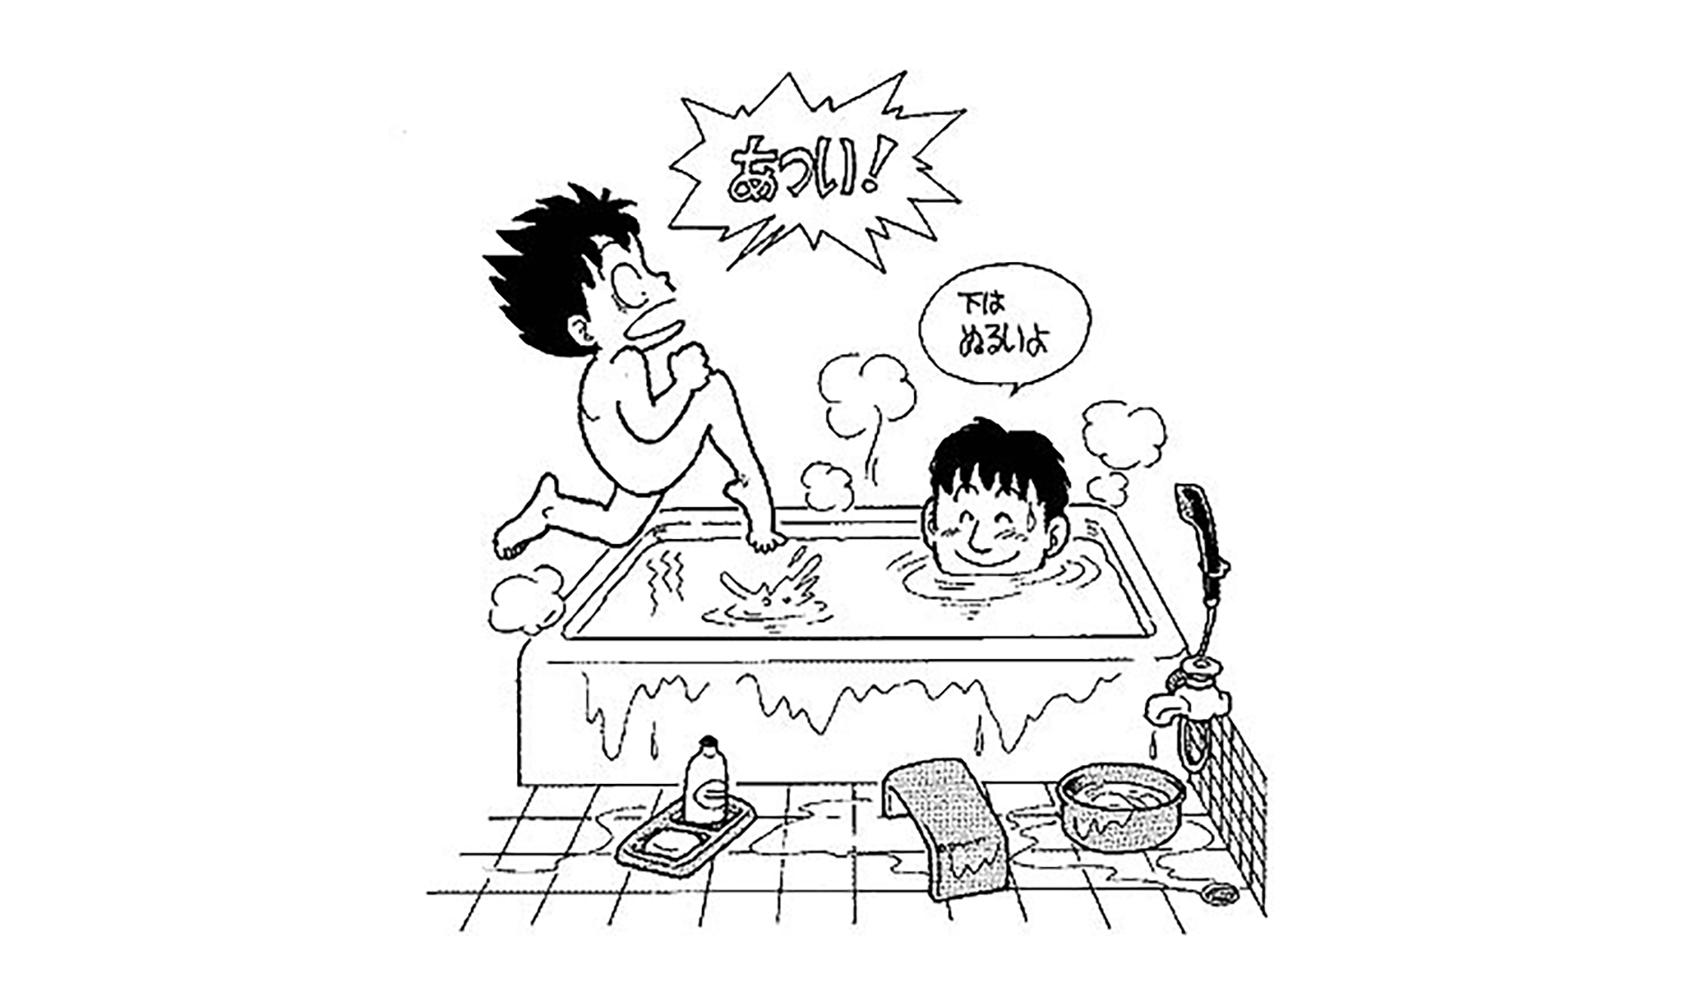 ふろのお湯はどうして上が熱くて下がつめたいの